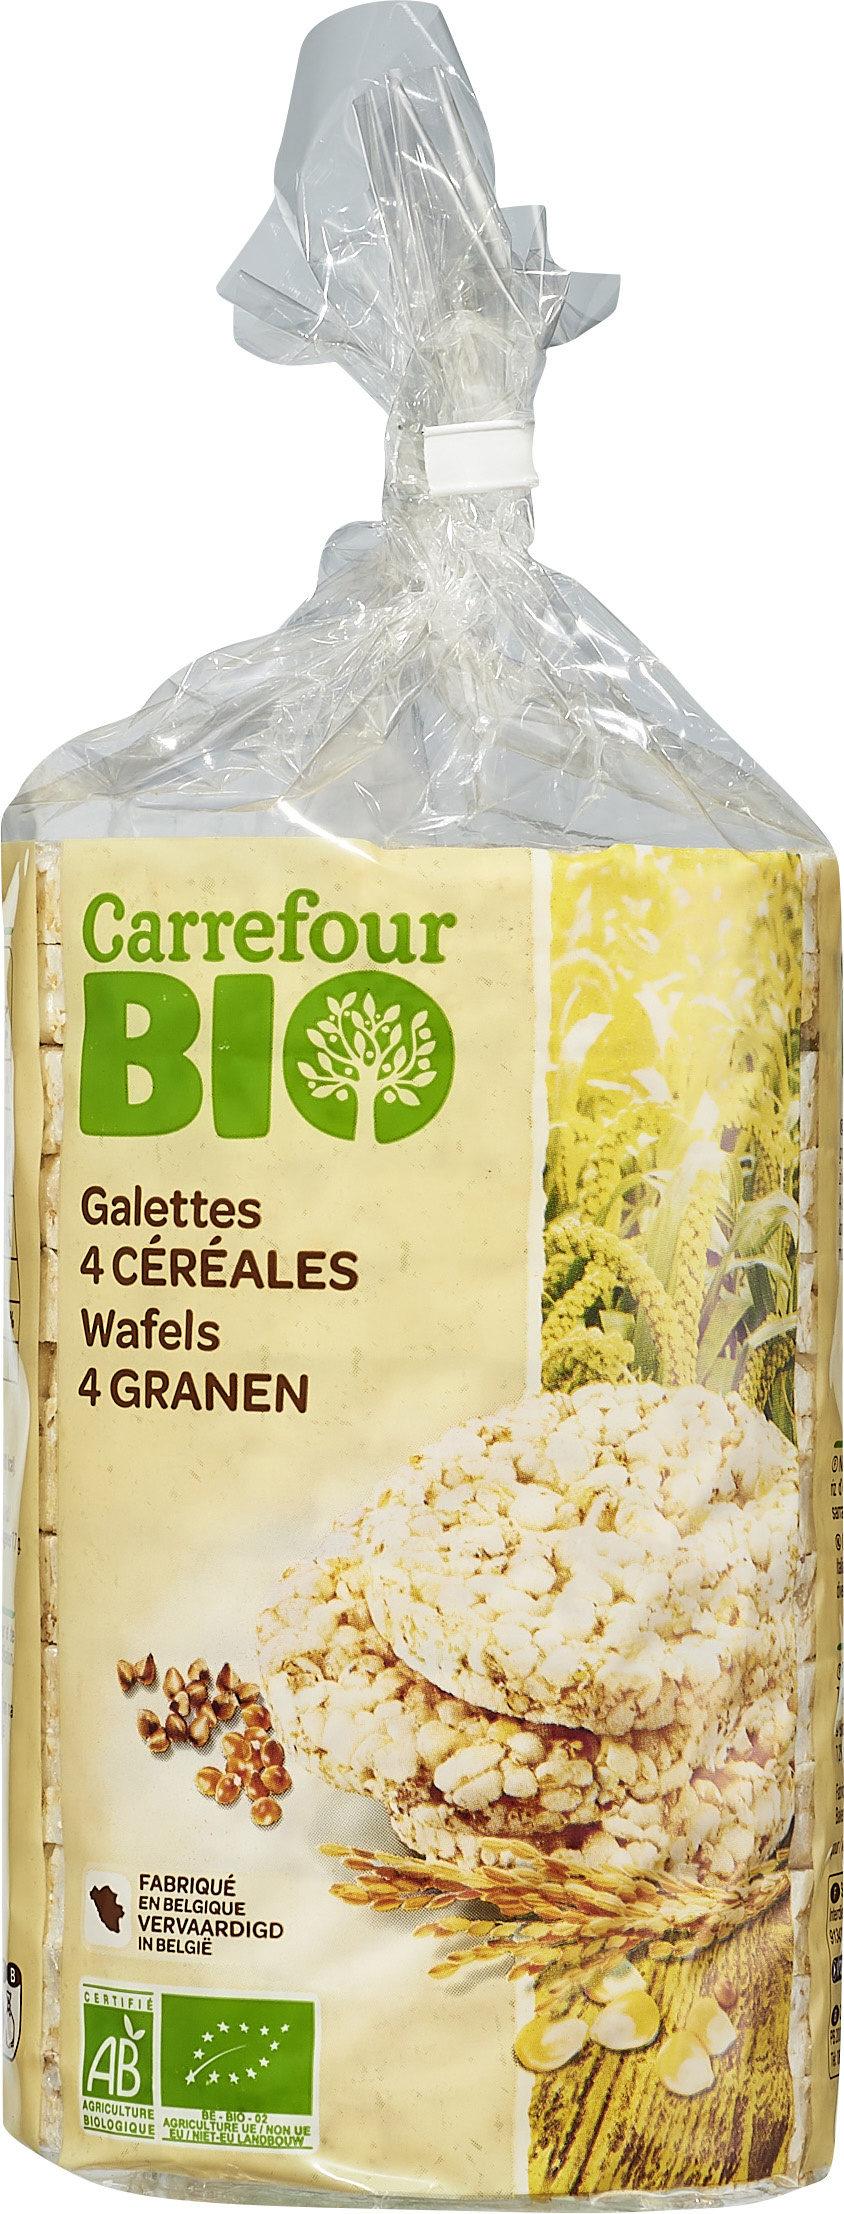 Galettes 4 céréales - Product